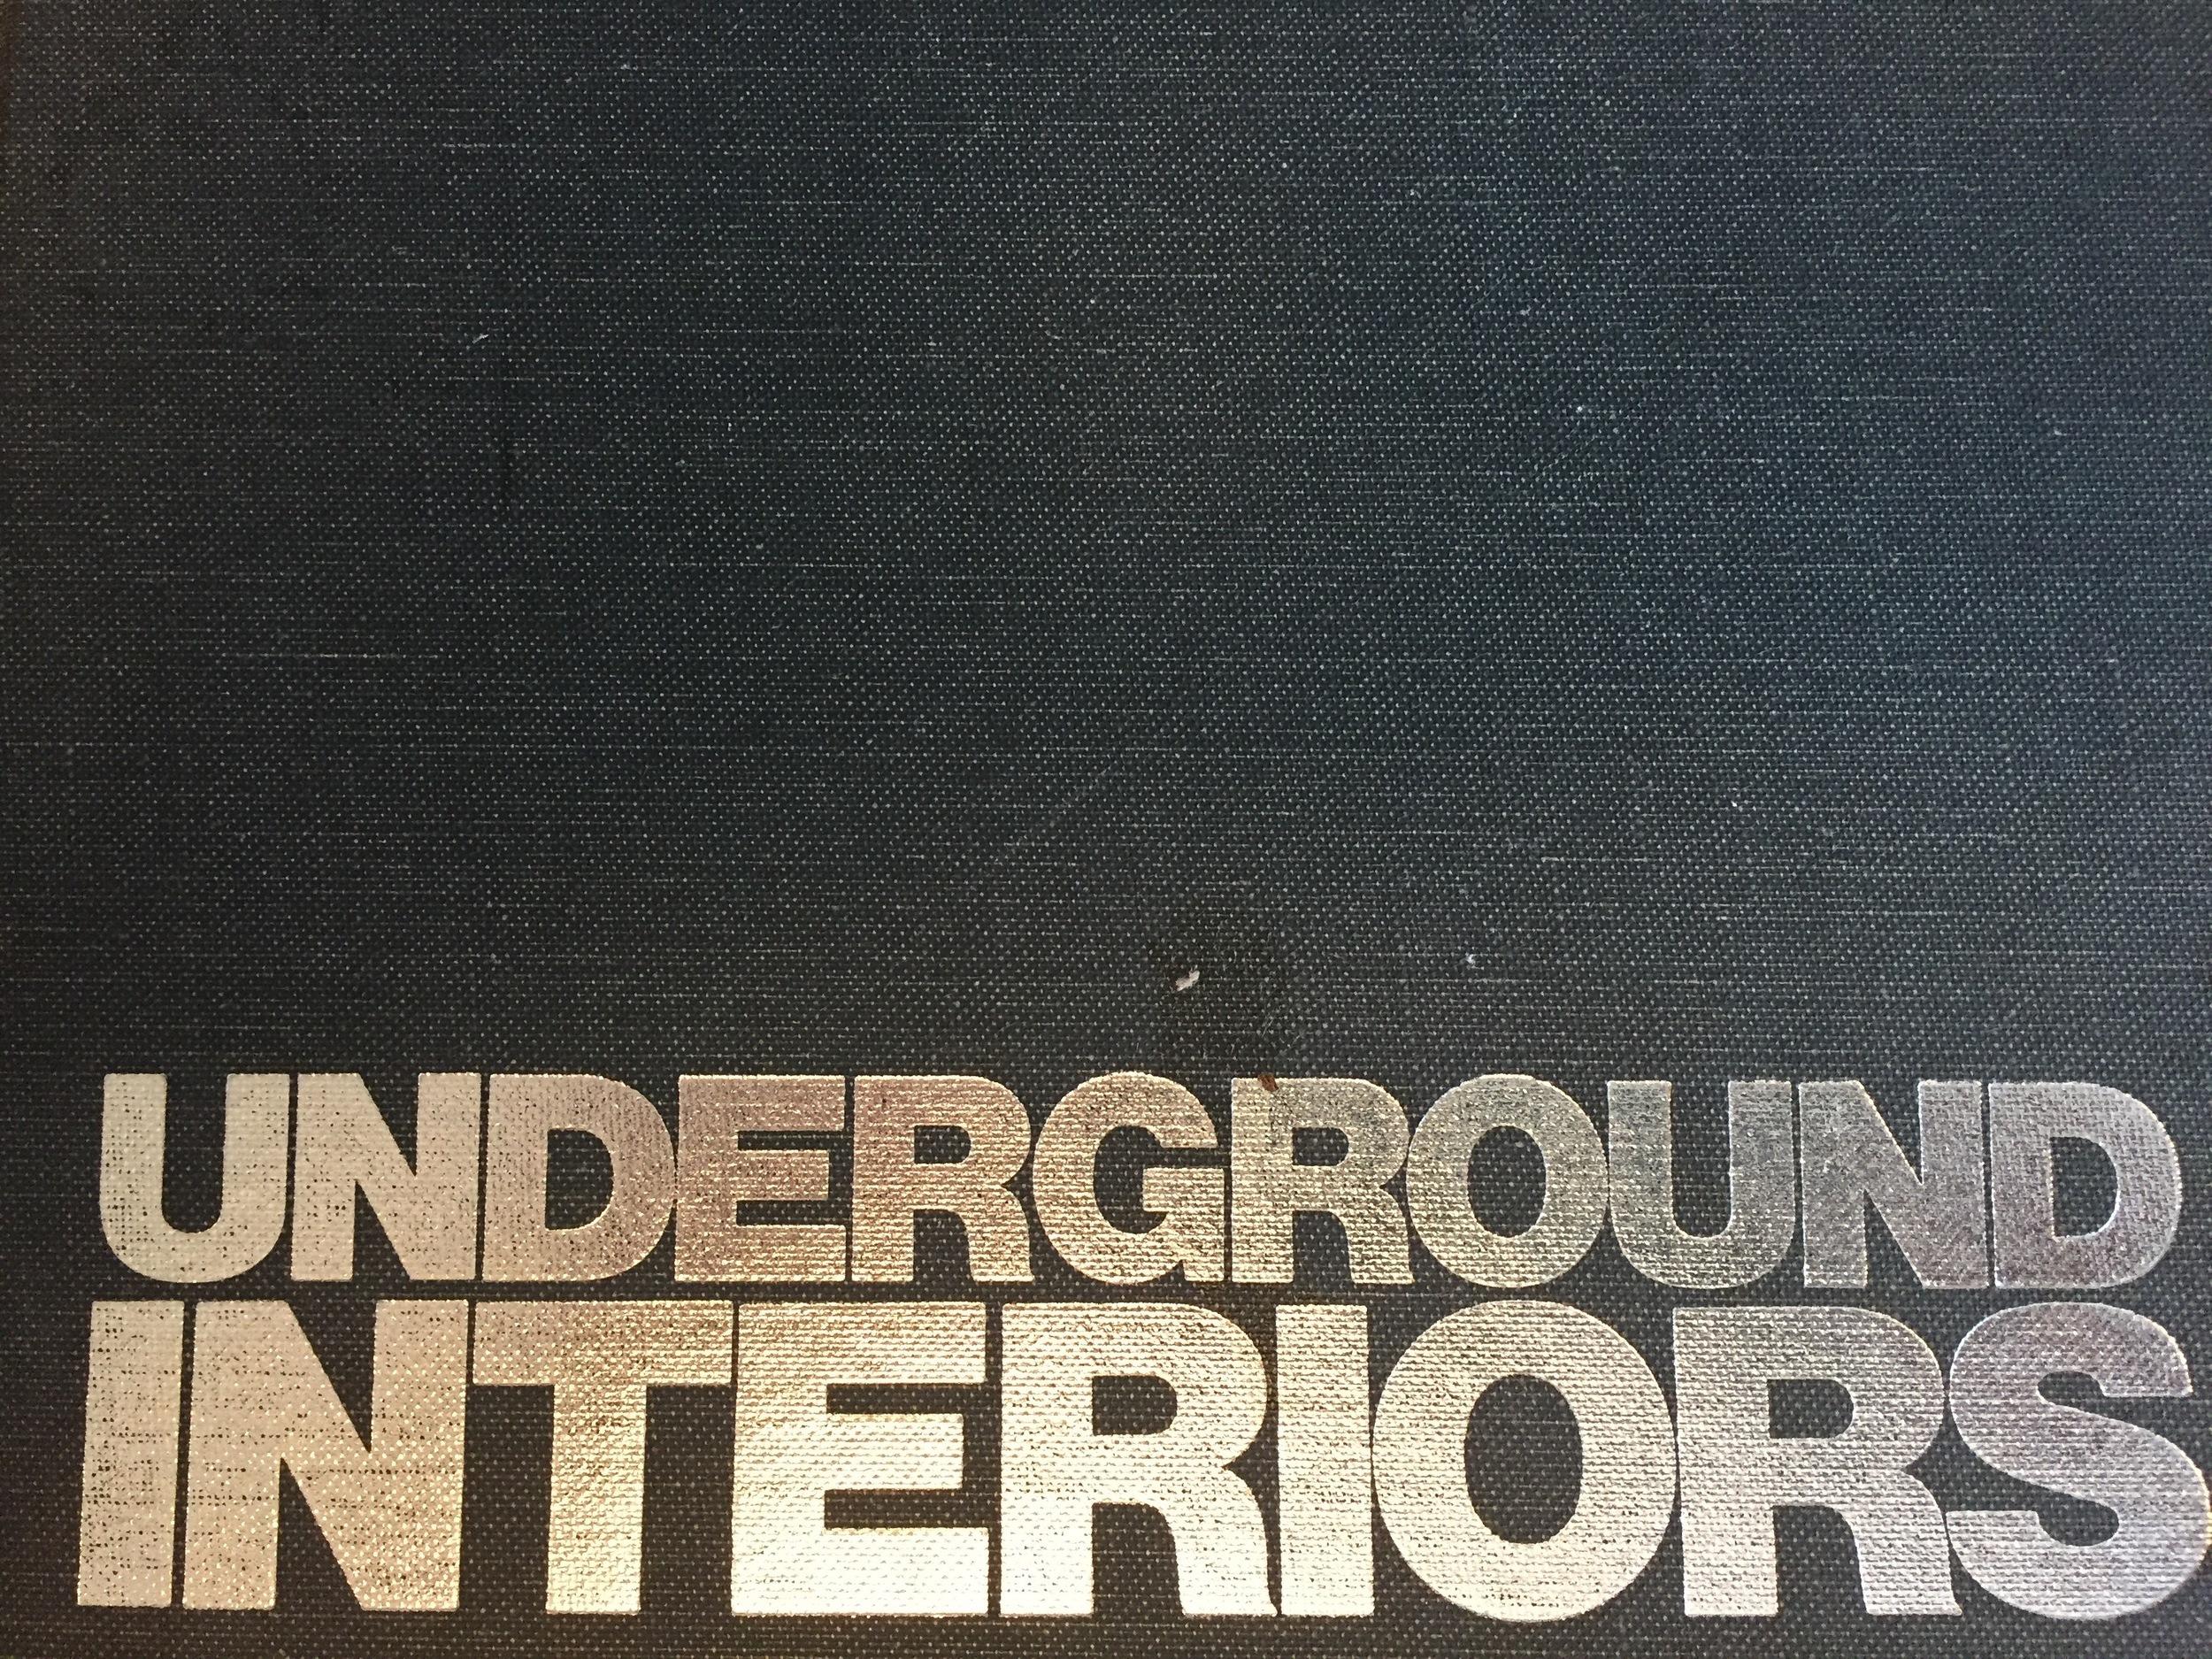 Underground interior